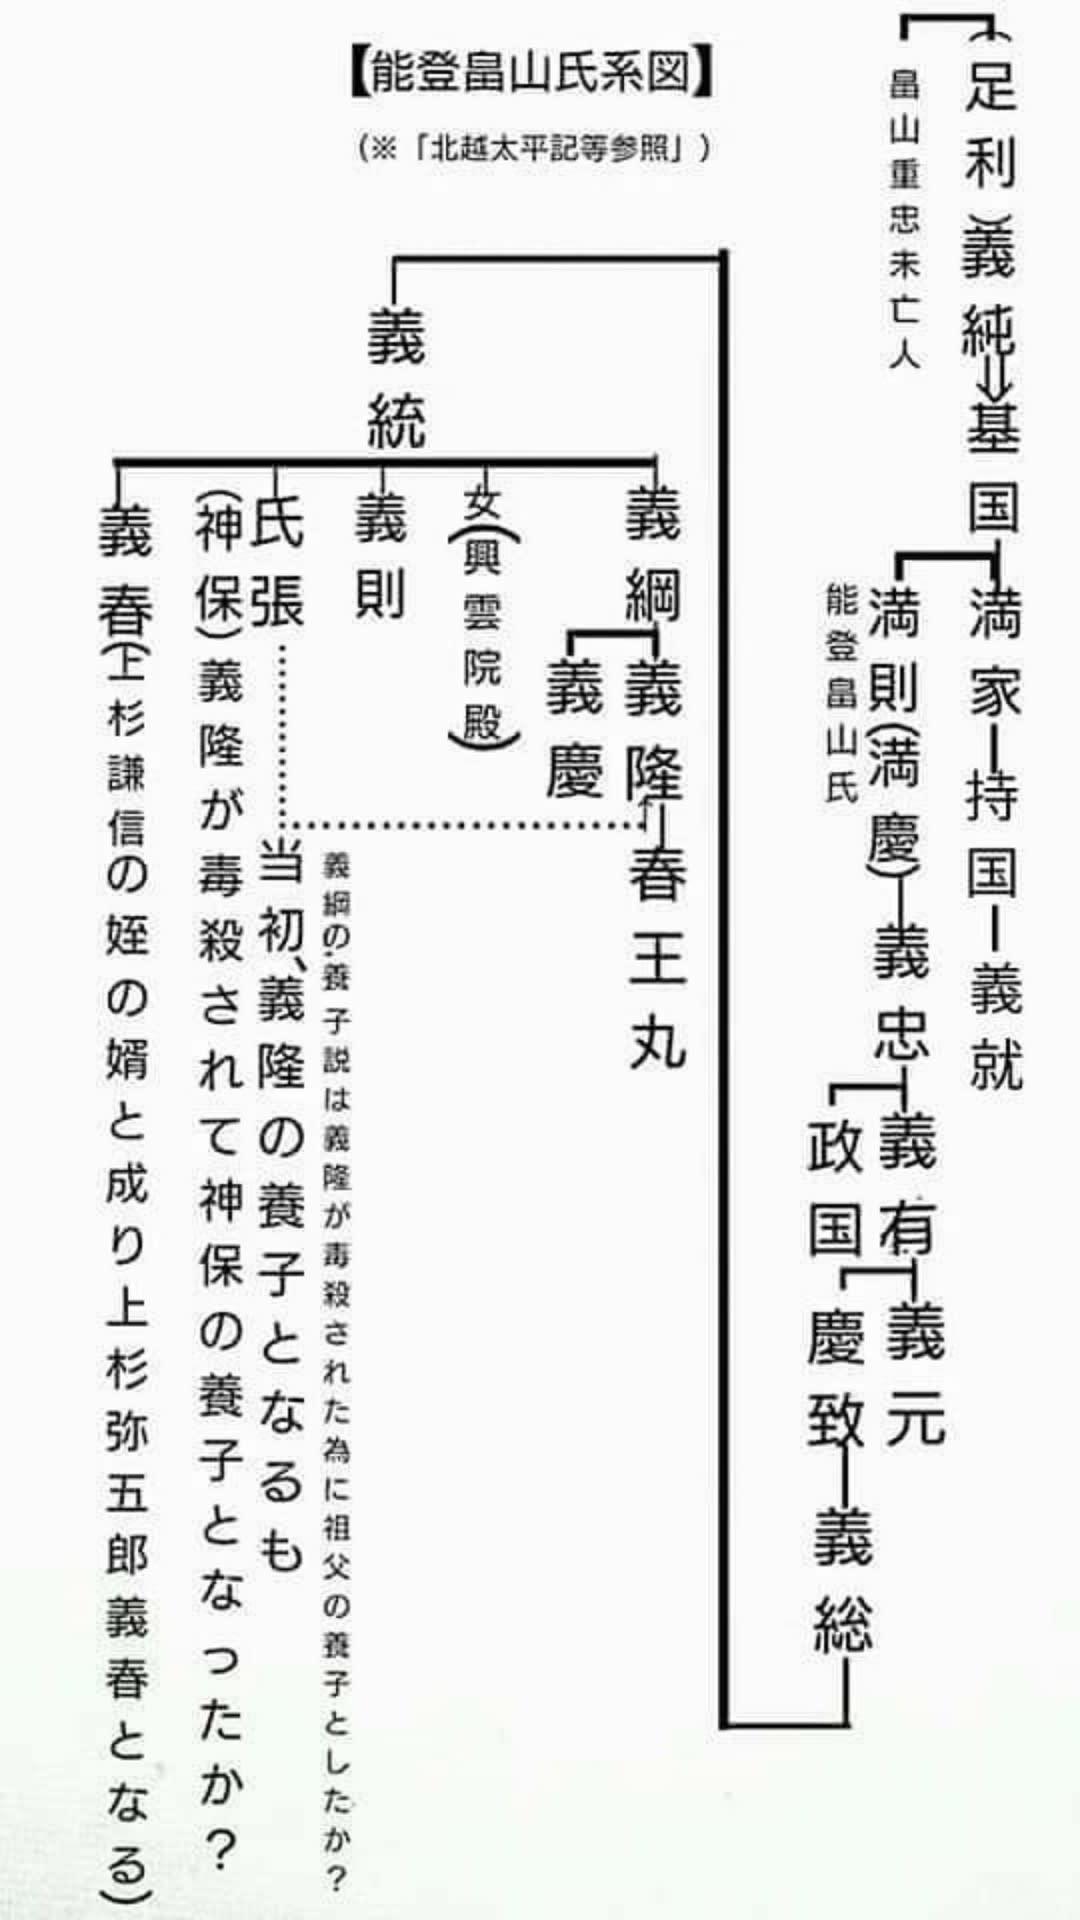 赤丸米のふるさとから 越中のささやき ぬぬぬ!!!(29ページ目)